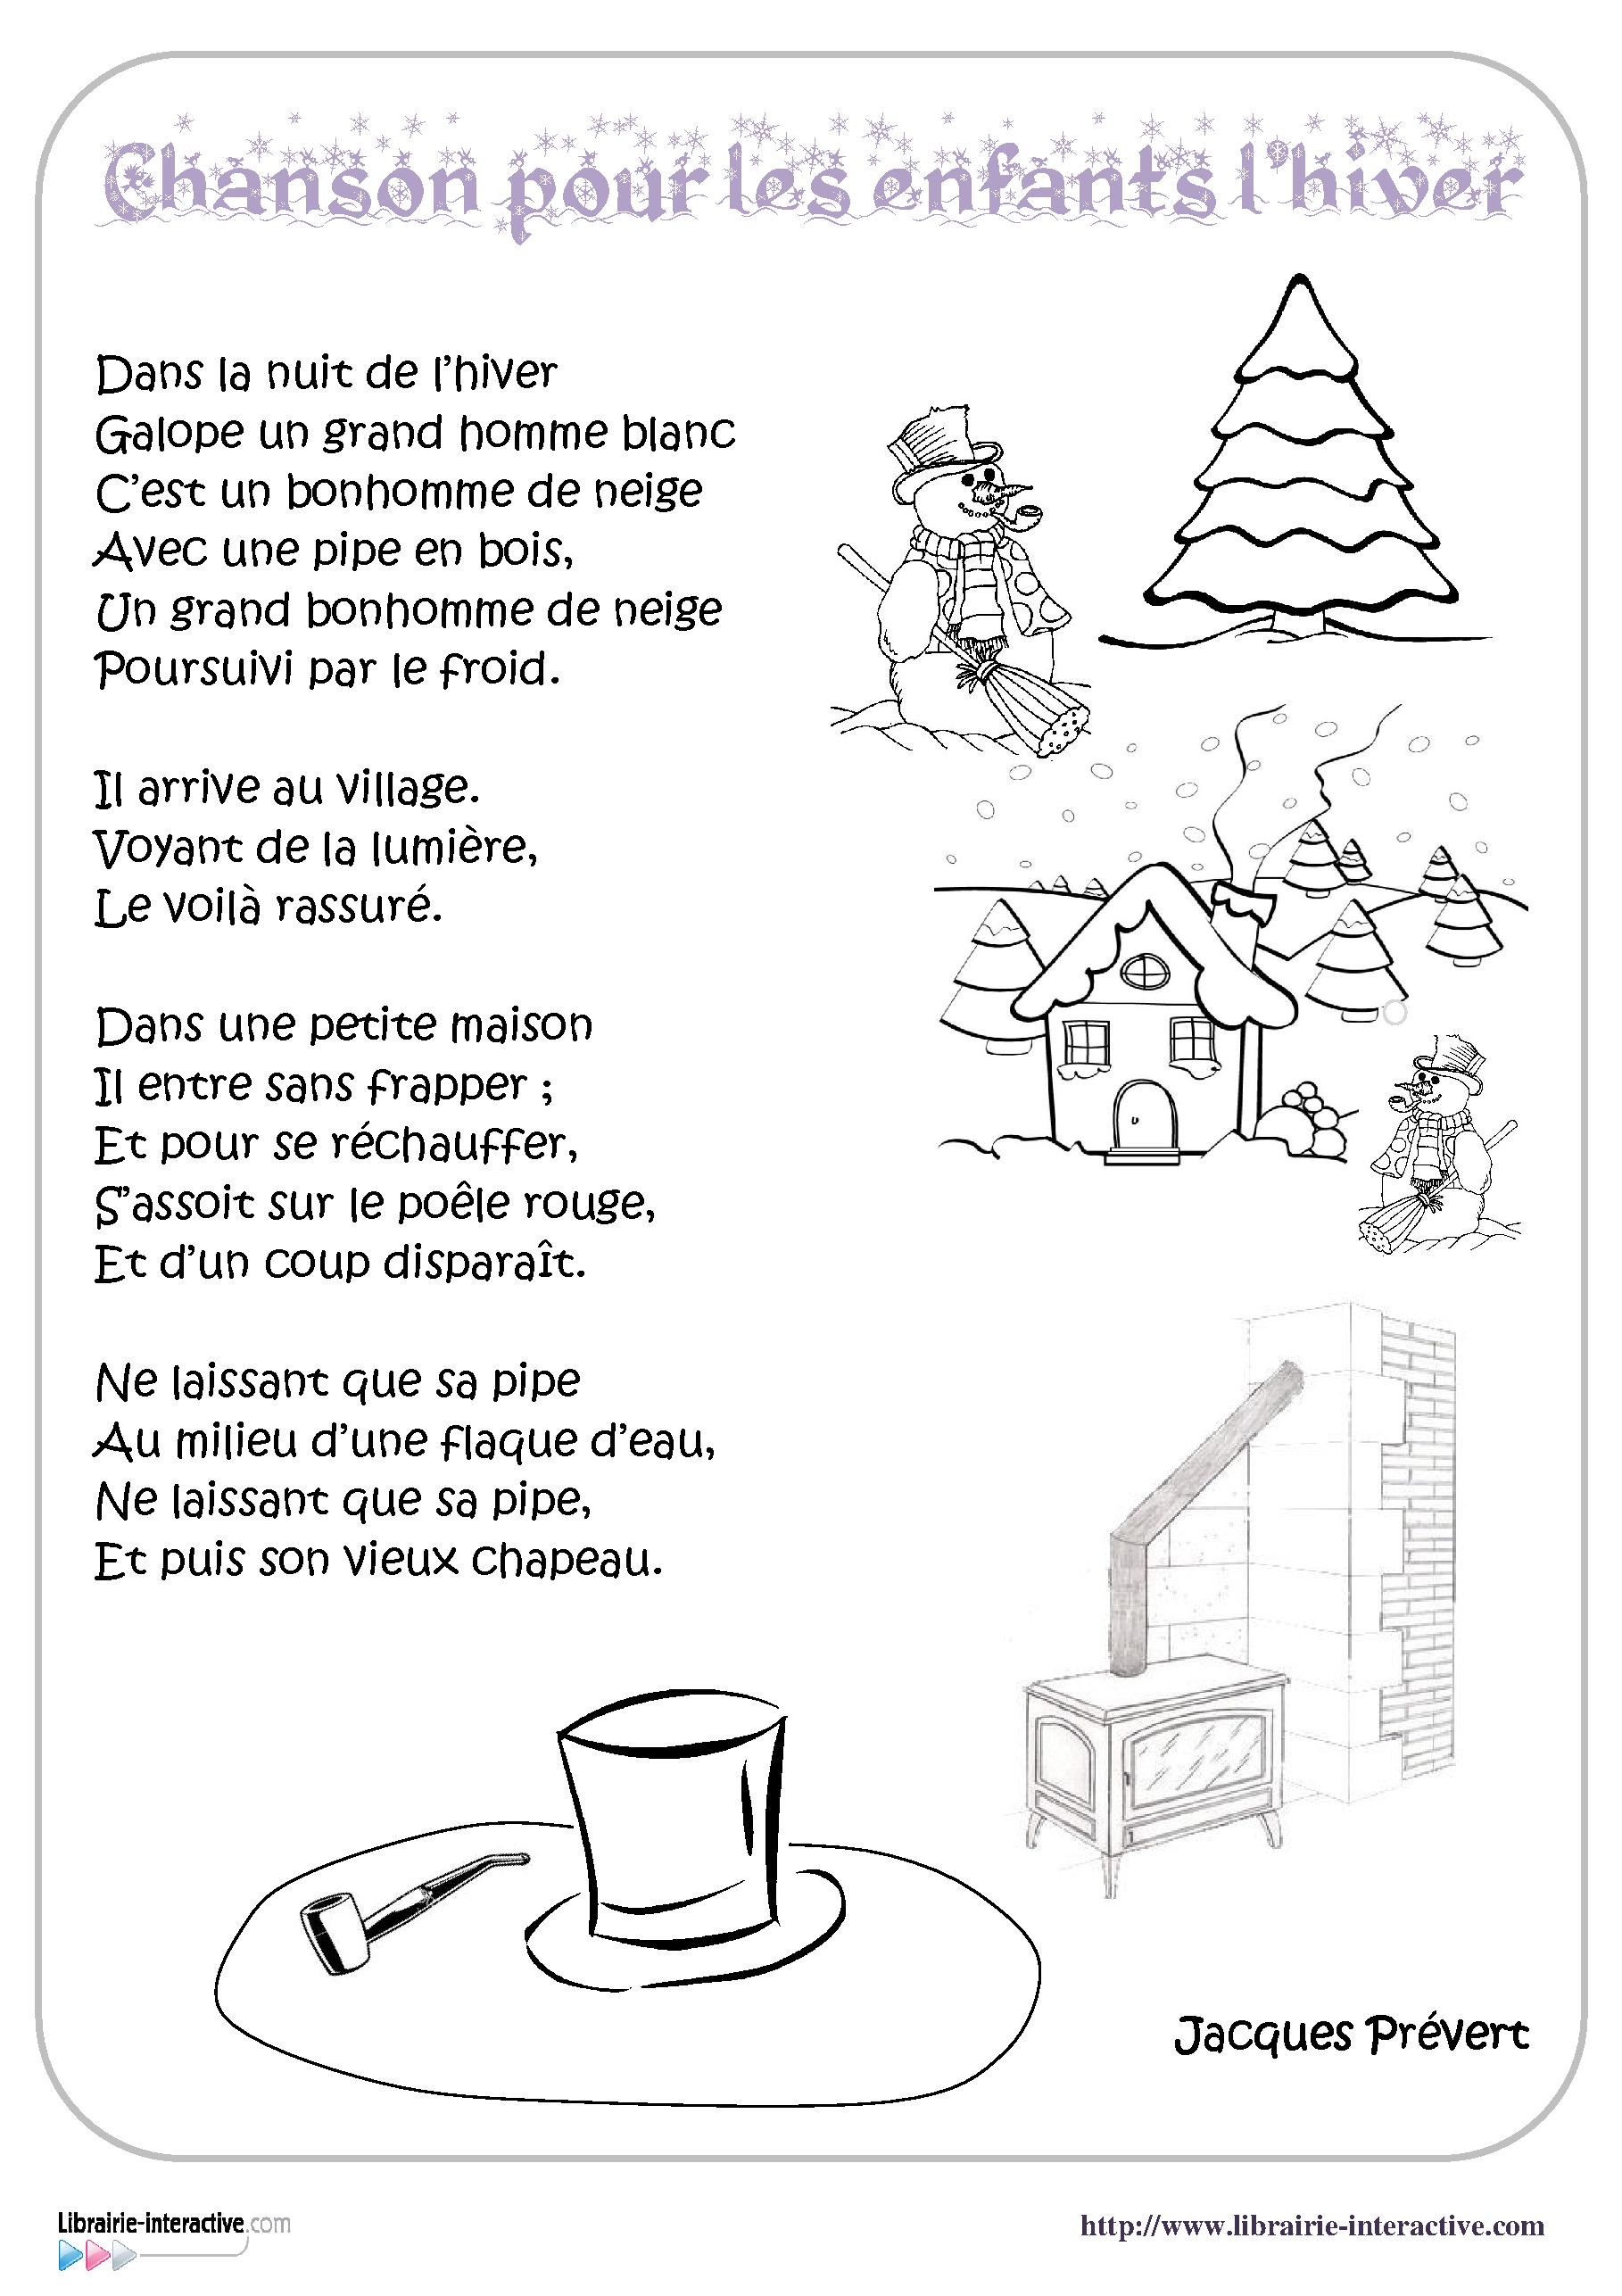 Chanson Pour Les Enfants De L'hiver : chanson, enfants, l'hiver, Librairie-Interactive, Chanson, Enfants, L'hiver, Anniversaire,, Comptine, Hiver,